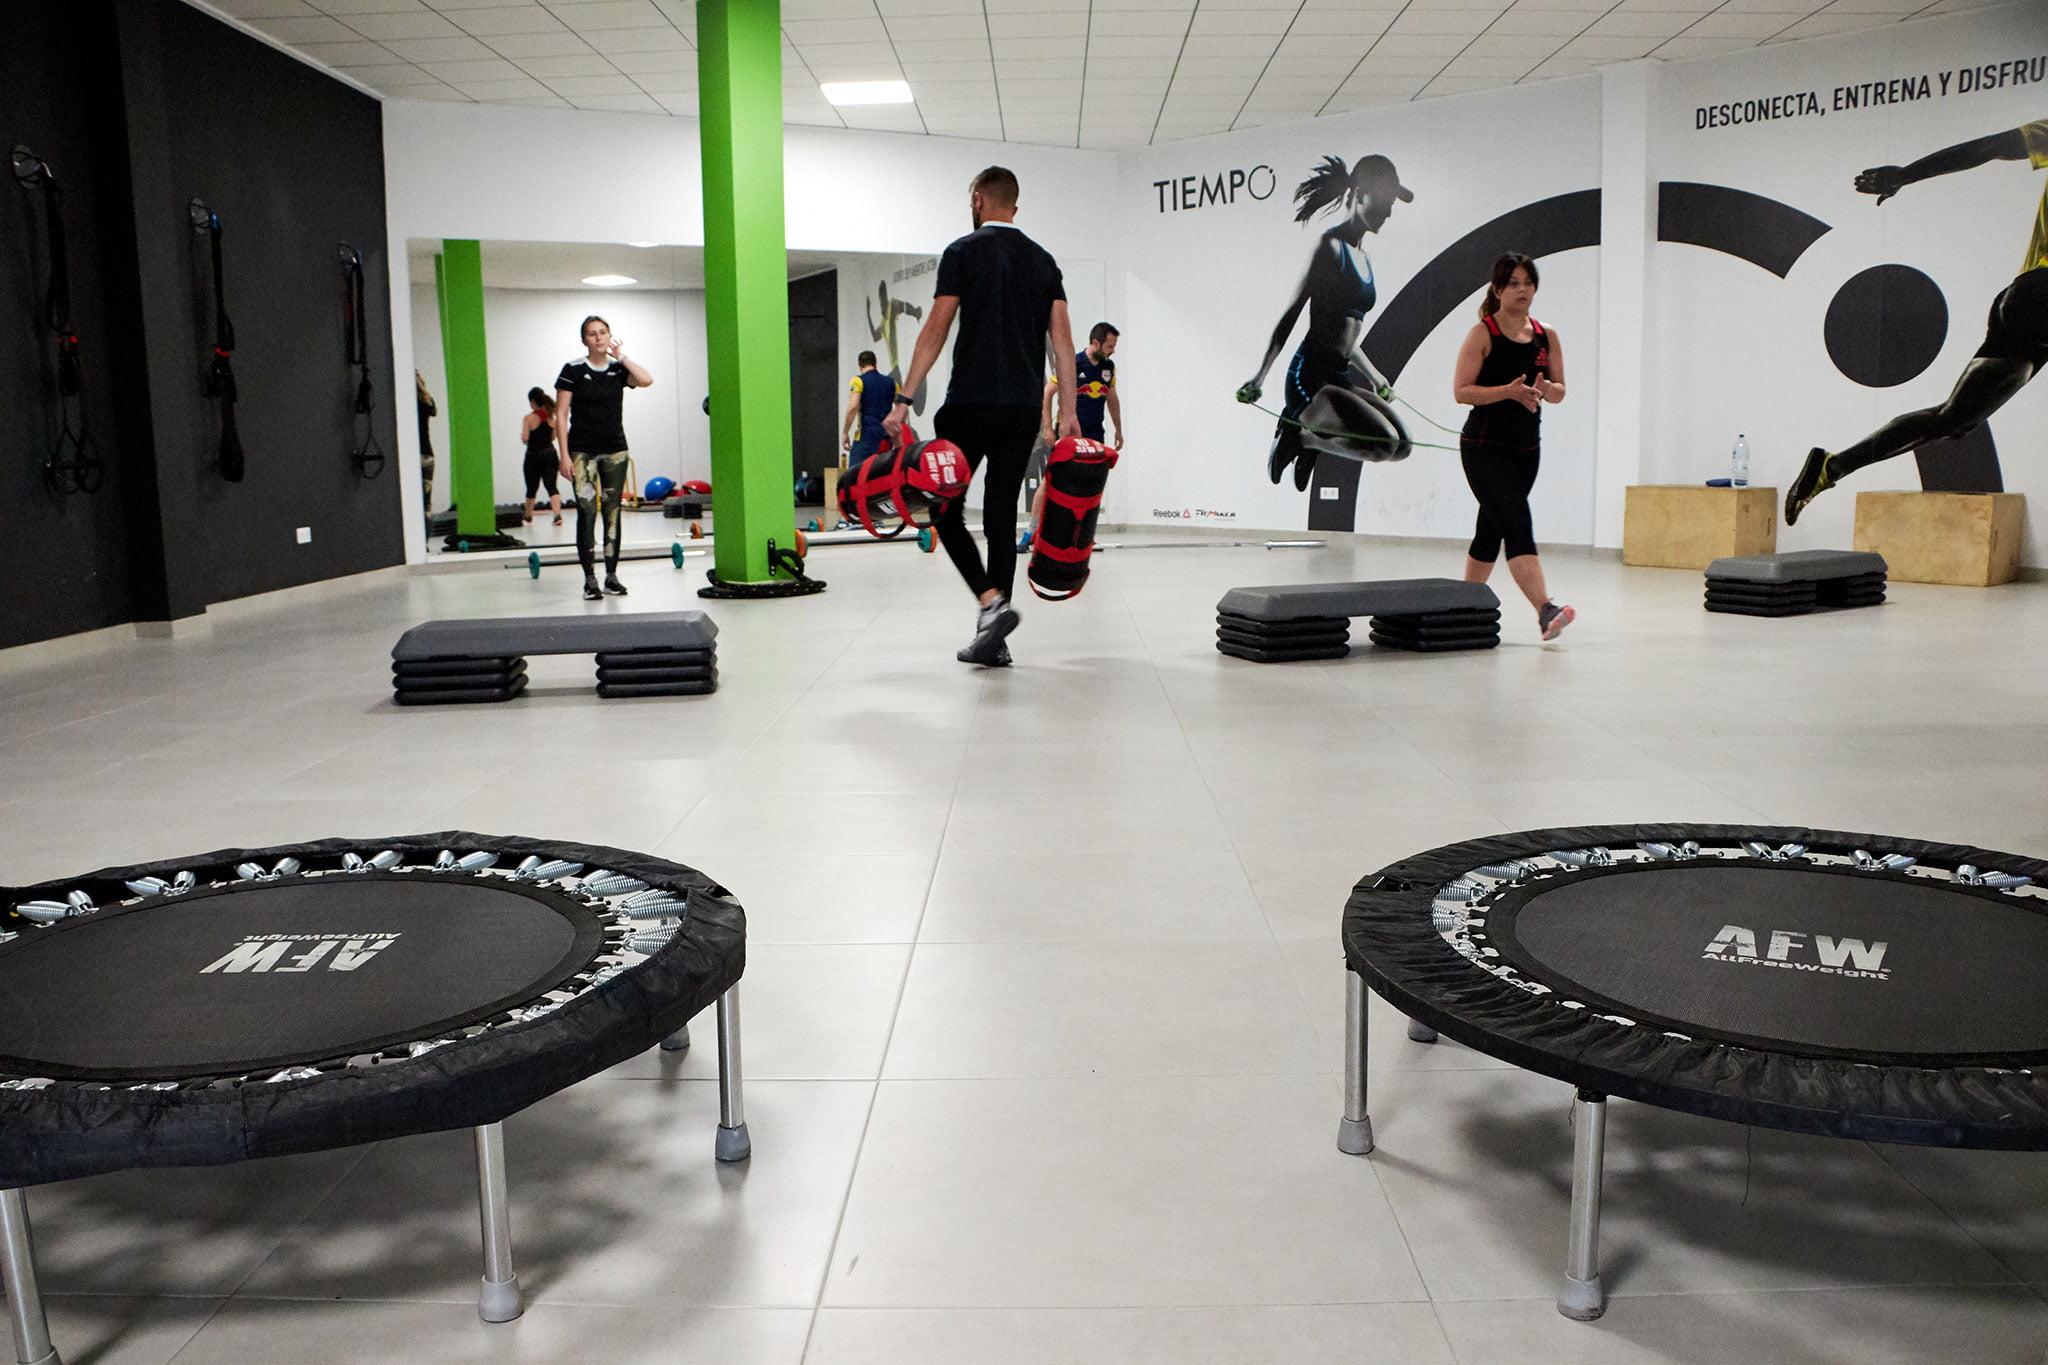 Distintas zonas de entrenamiento – Tiempo Personal Training Center